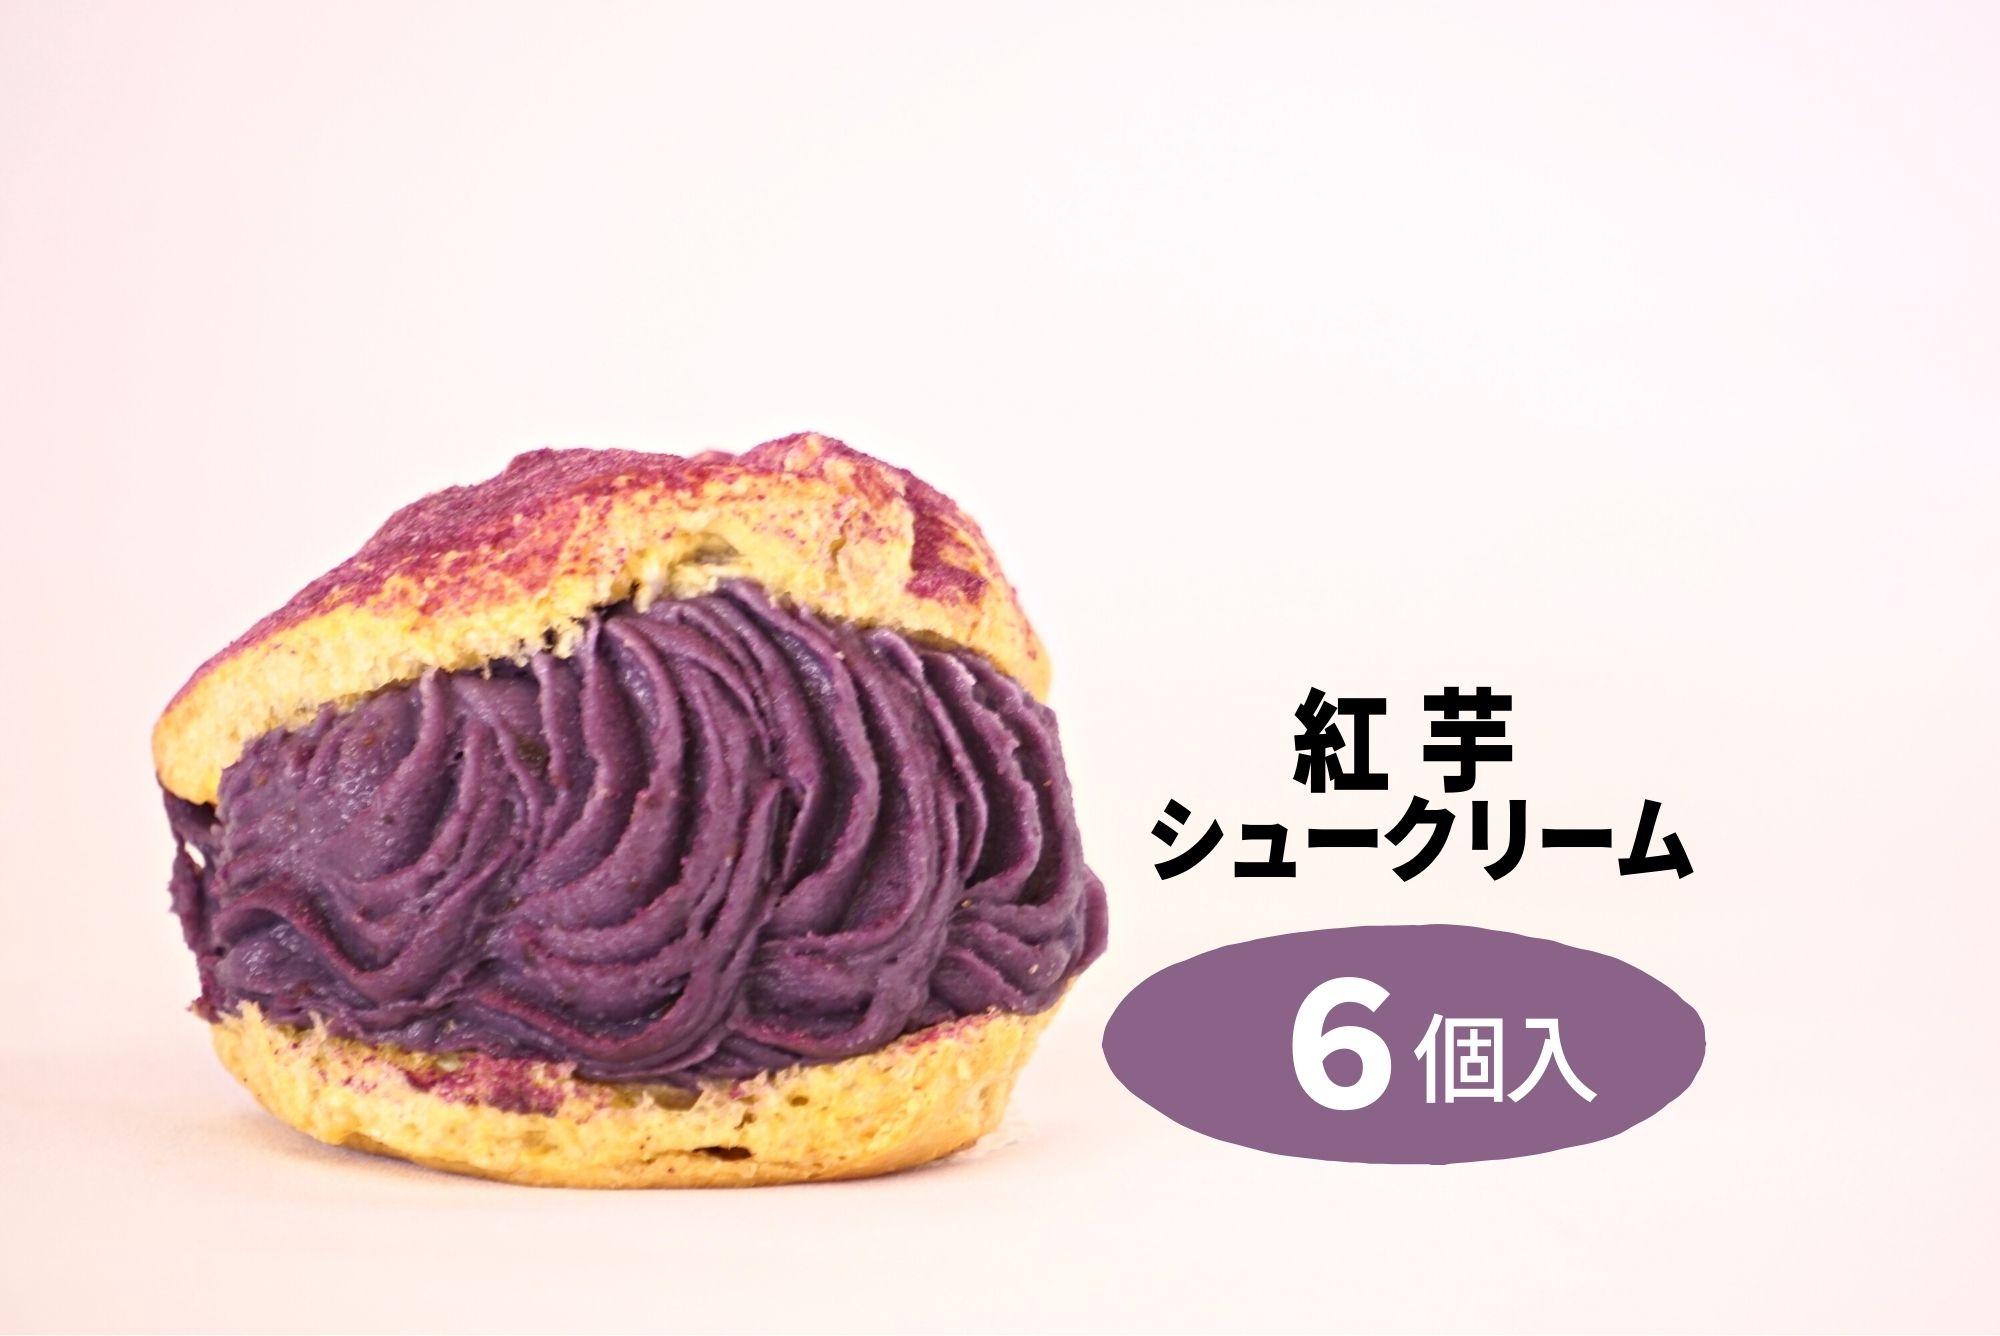 YUNAMI FACTORYオリジナル 冷凍 紅芋シュークリーム 6コ入り